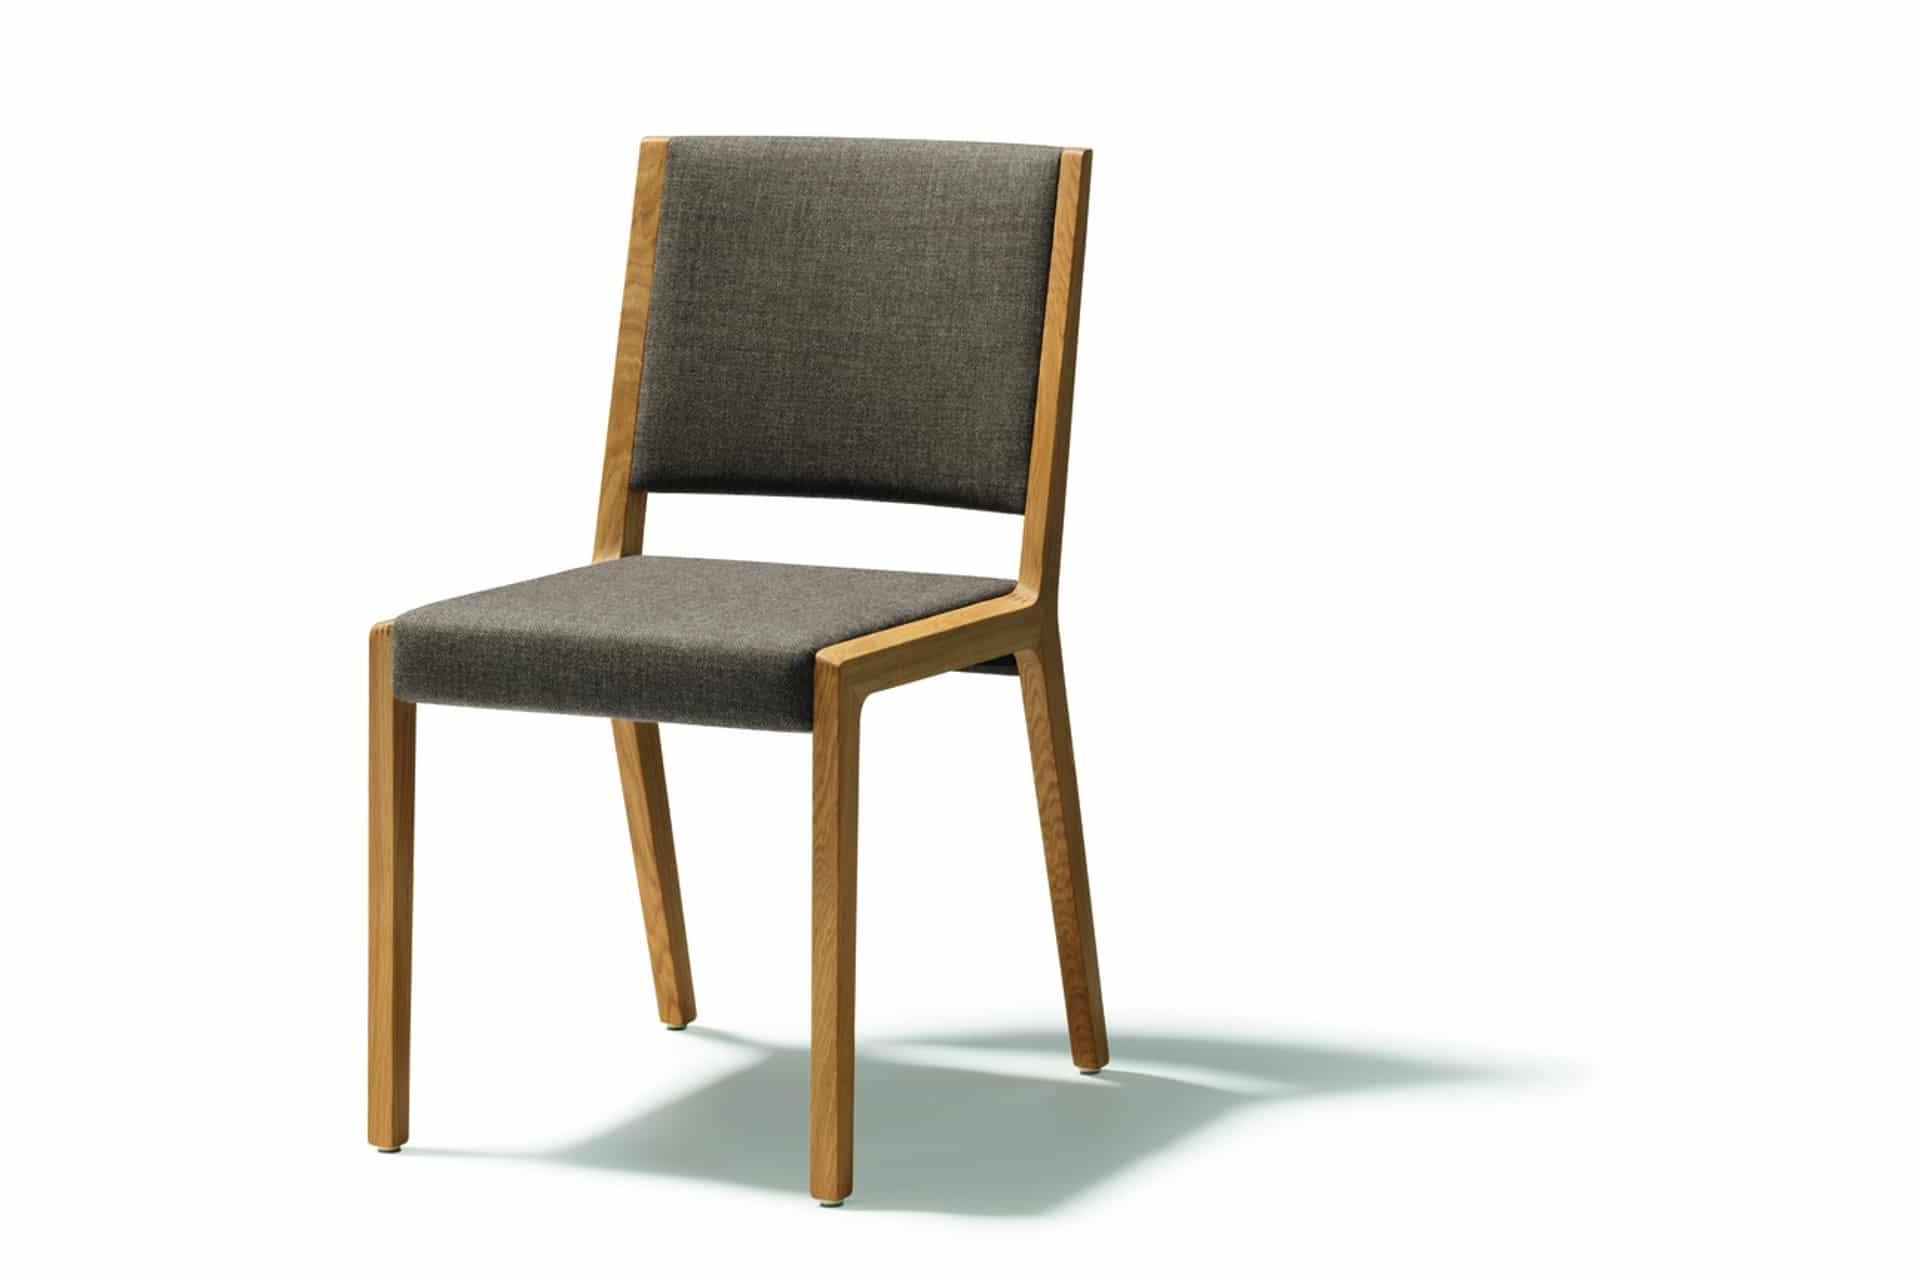 stuhl eviva kohler nat rlich einrichten naturholzm bel. Black Bedroom Furniture Sets. Home Design Ideas